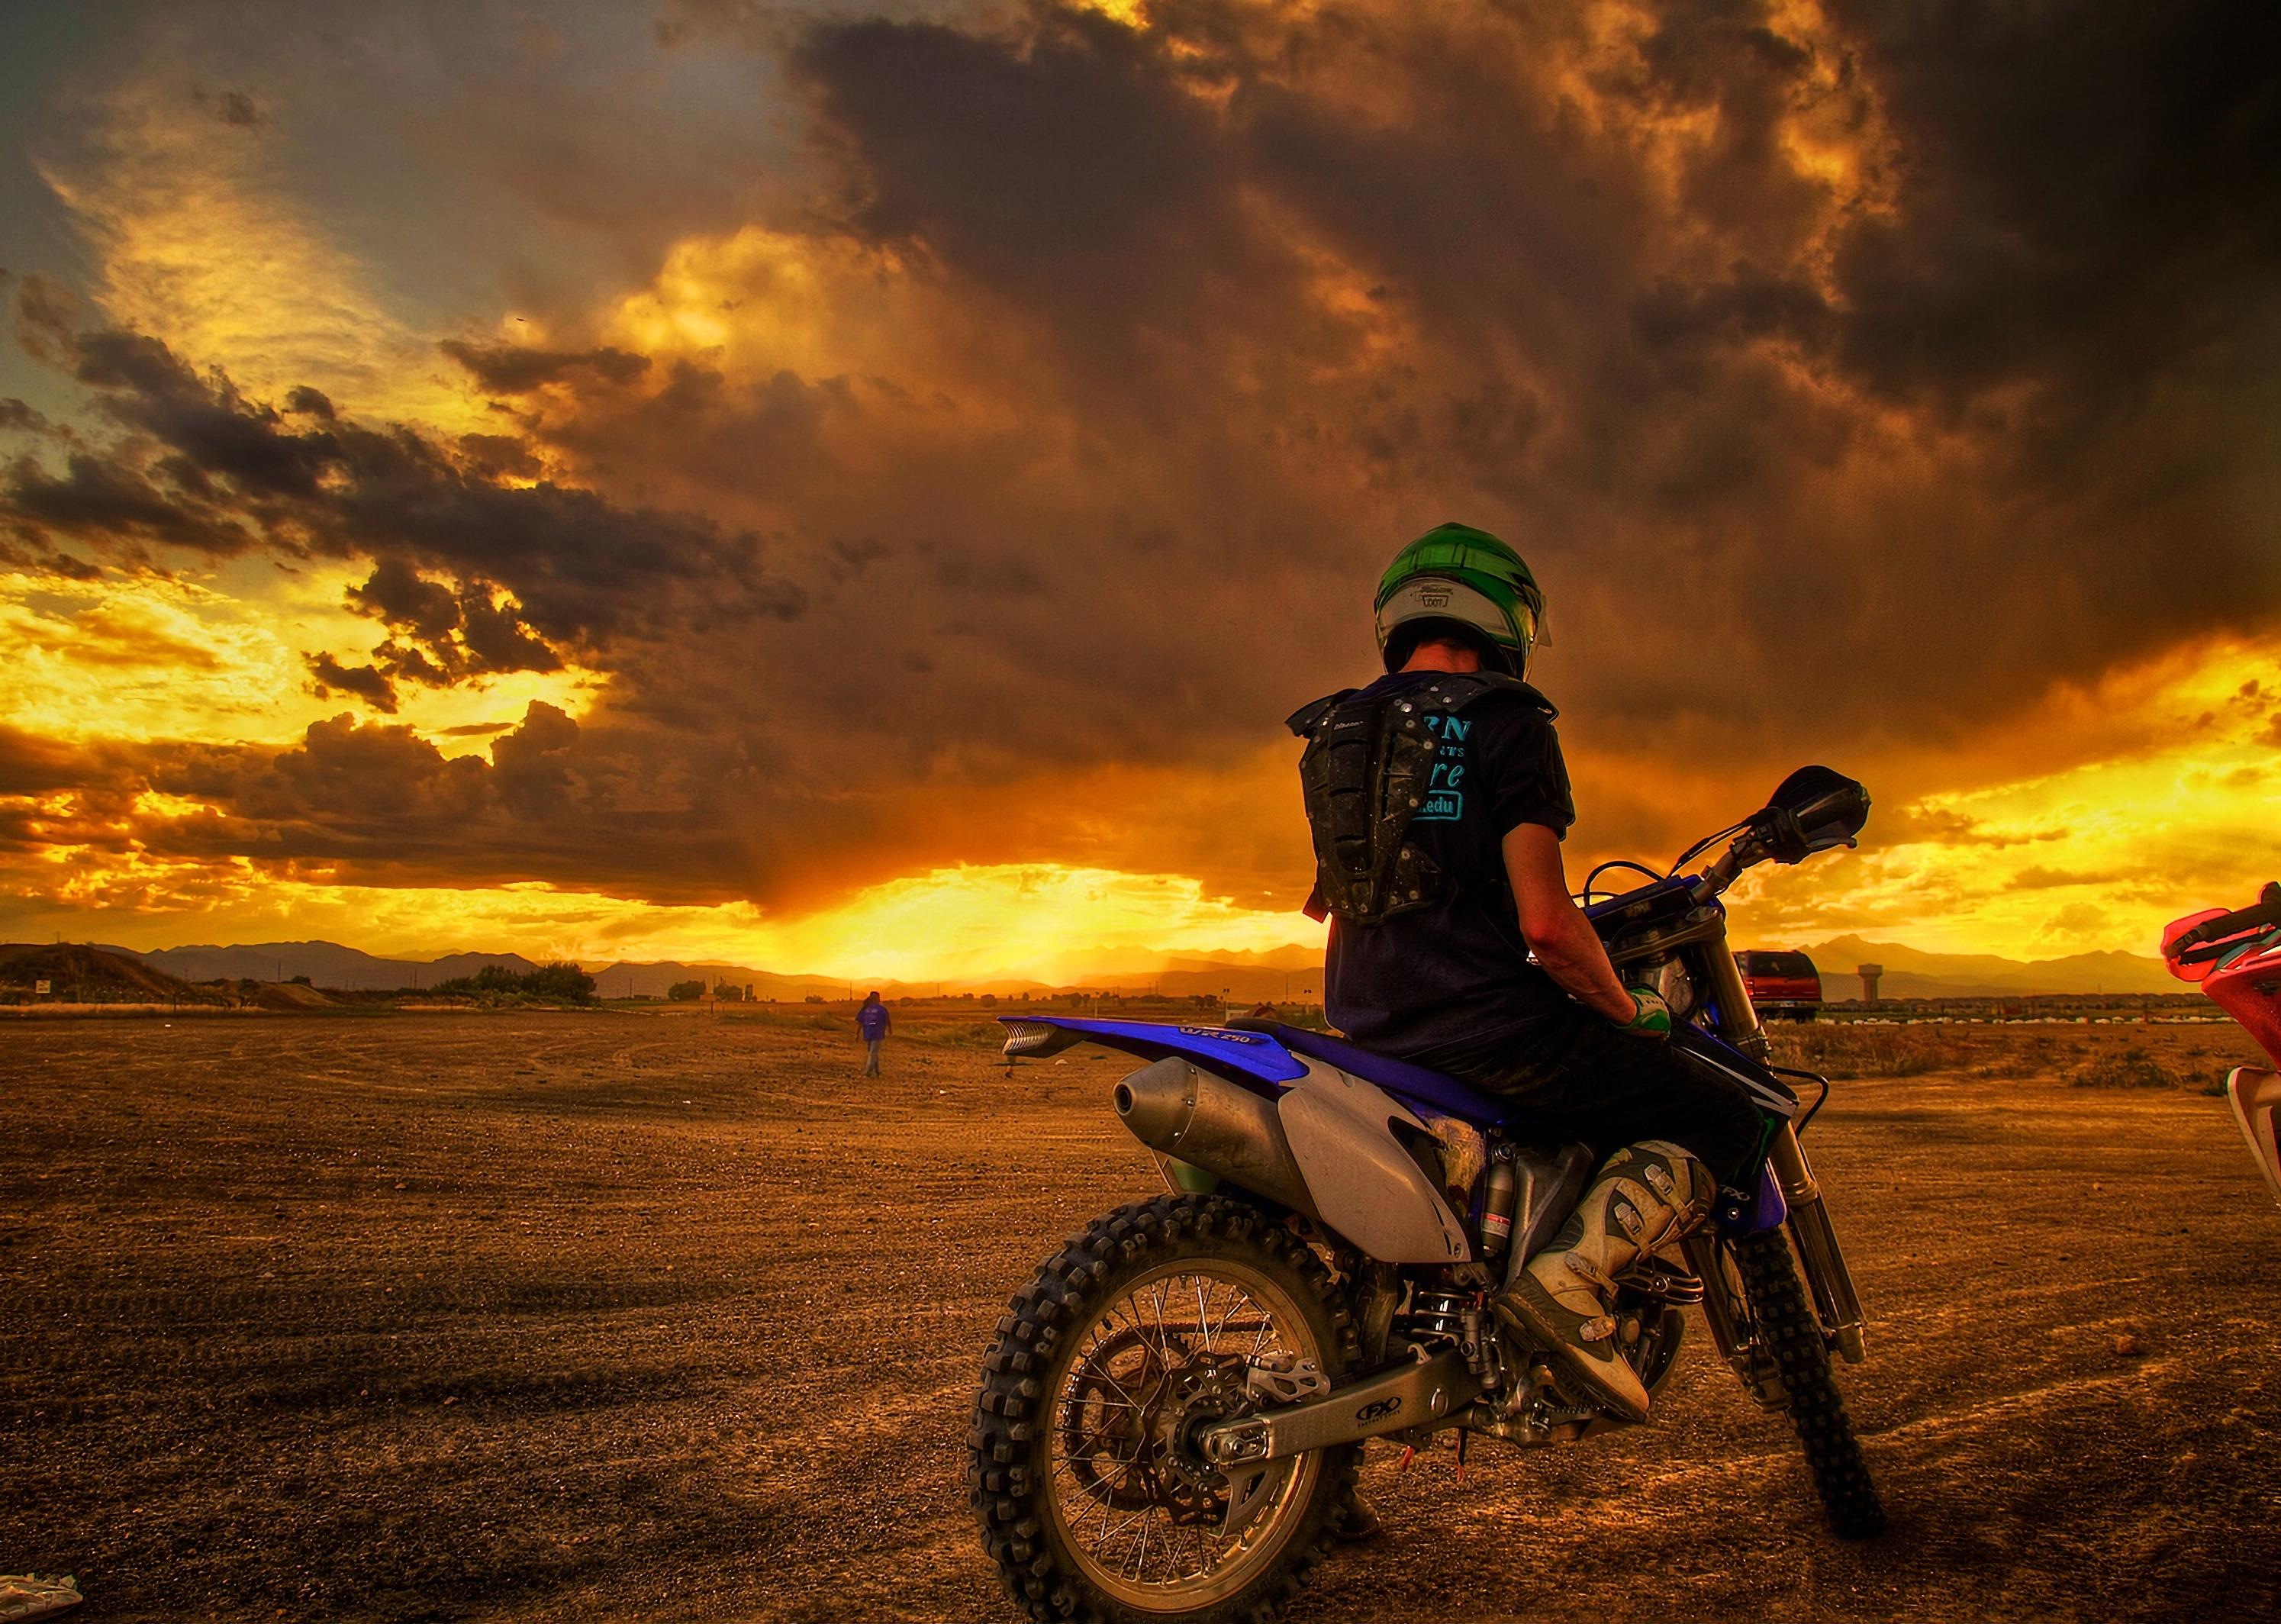 127814 Hintergrundbild herunterladen Motorradfahrer, Motorräder, Sunset, Motorrad - Bildschirmschoner und Bilder kostenlos